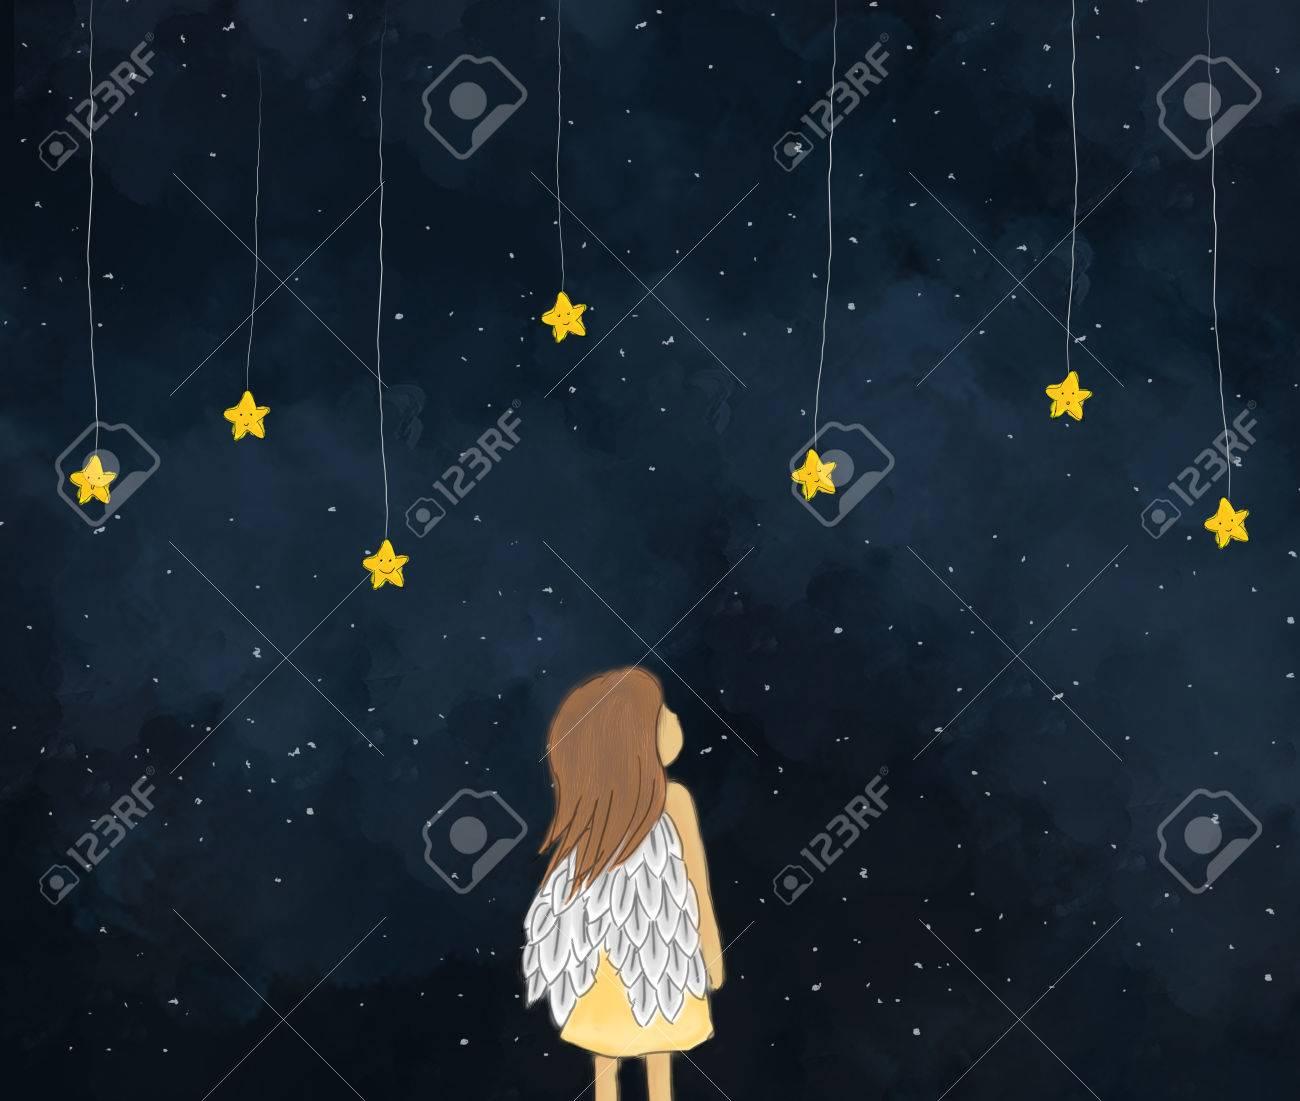 Ilustracao Desenho De Um Anjo Menina Olhando Estrelas Amarelas